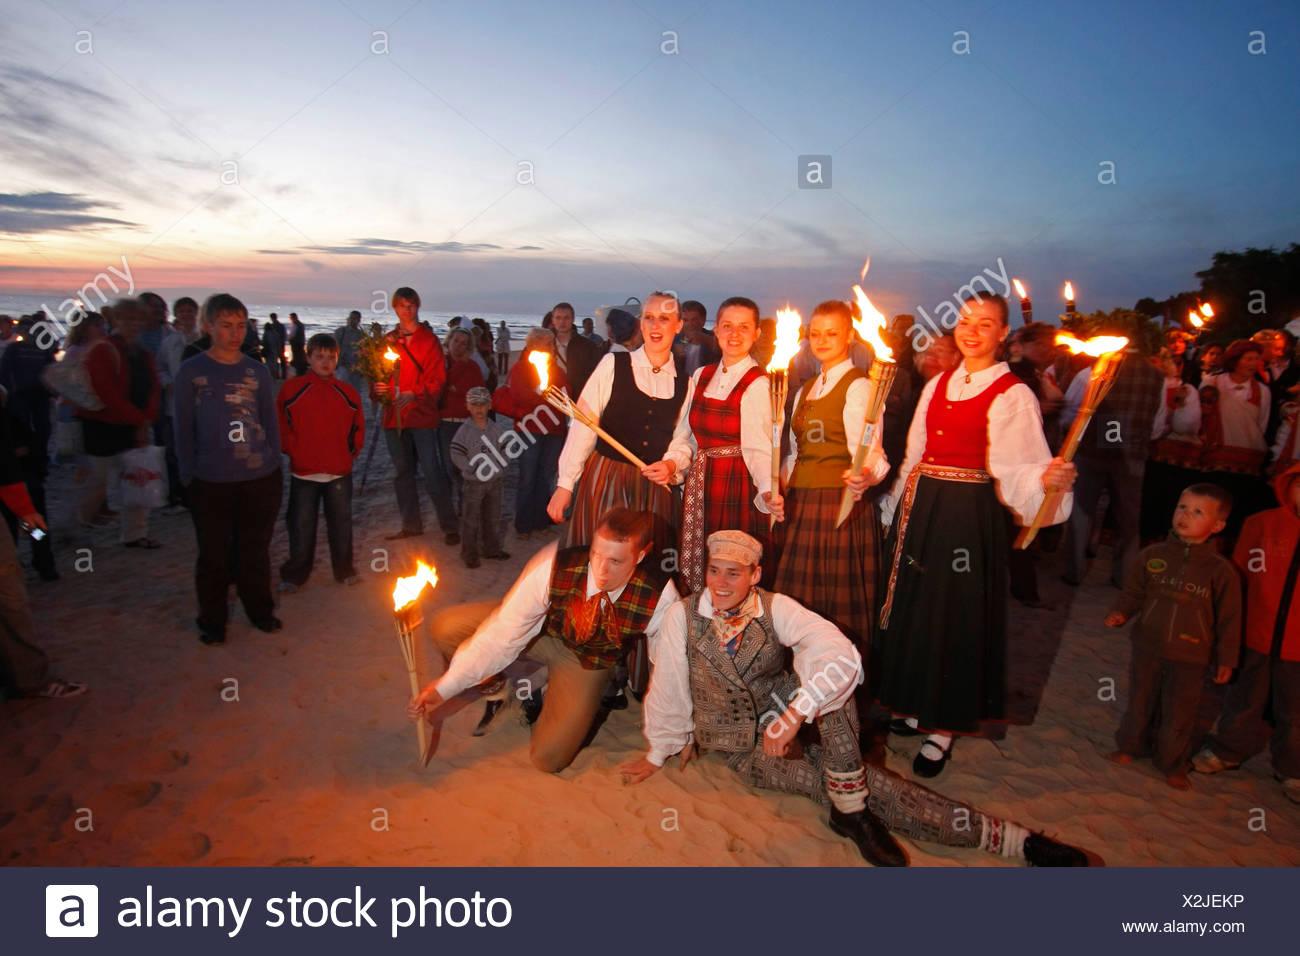 The festival in Jurmala is in full swing 29.07.2009 15